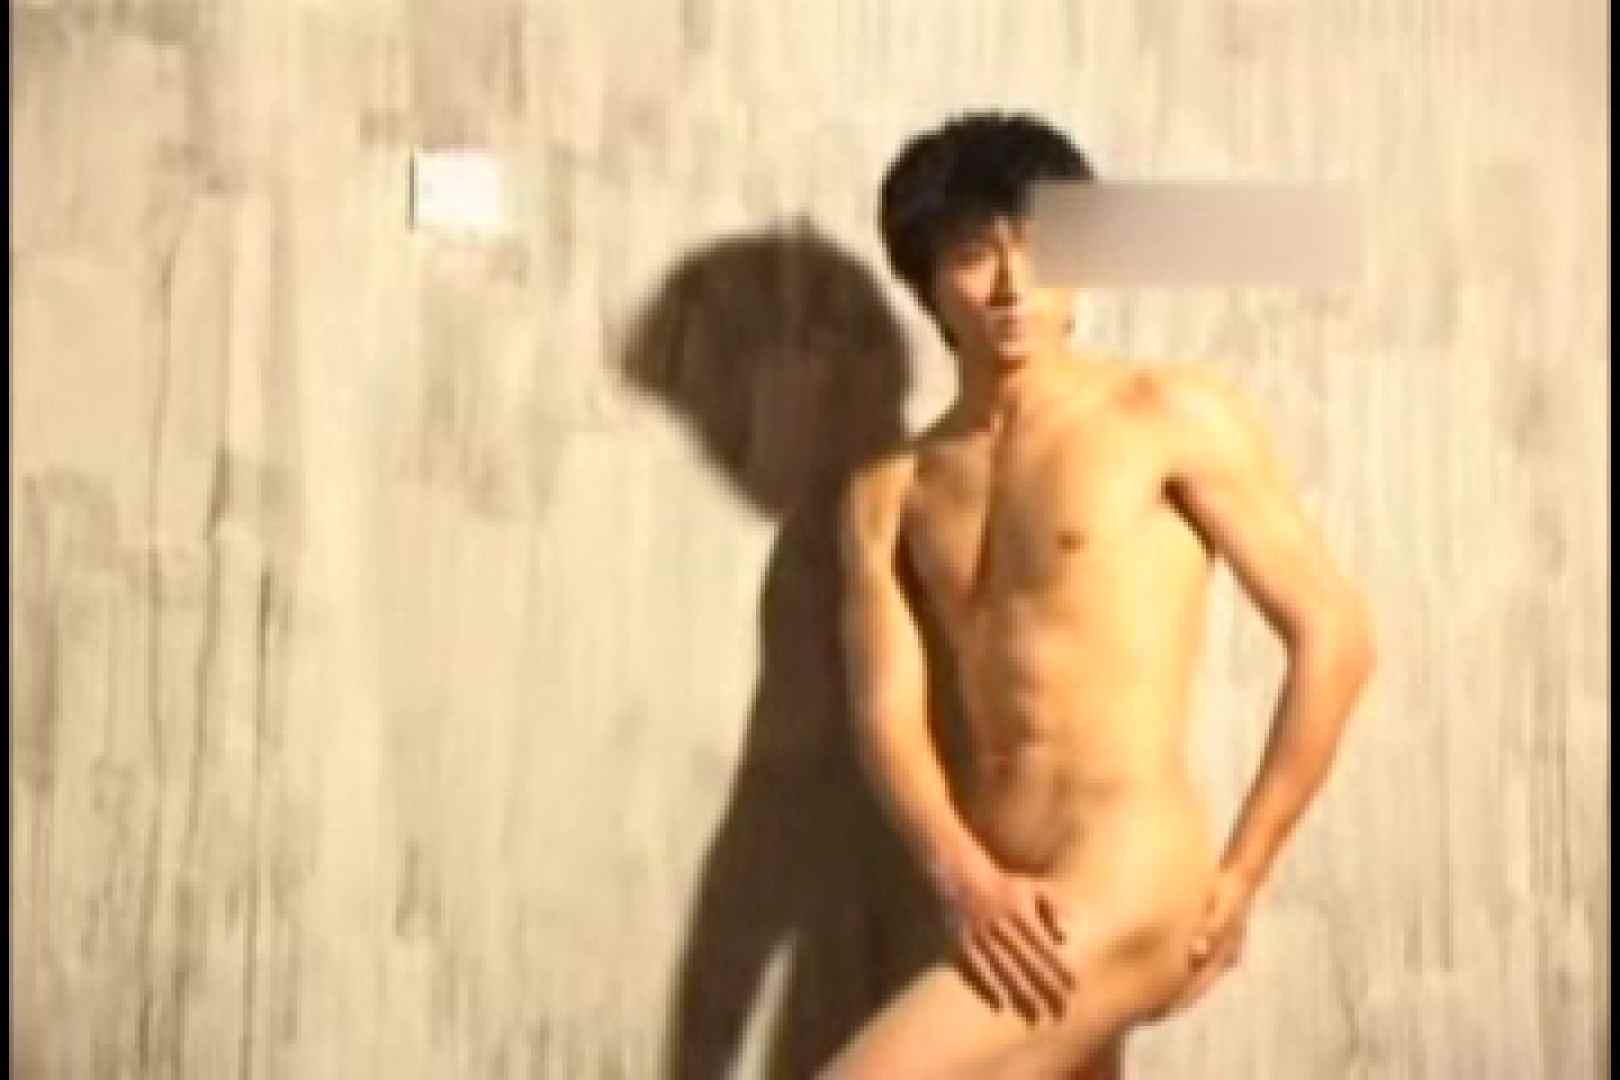 流出!!中出スーパーモデルya● jin hao モデル | ヌード アダルトビデオ画像キャプチャ 87枚 65